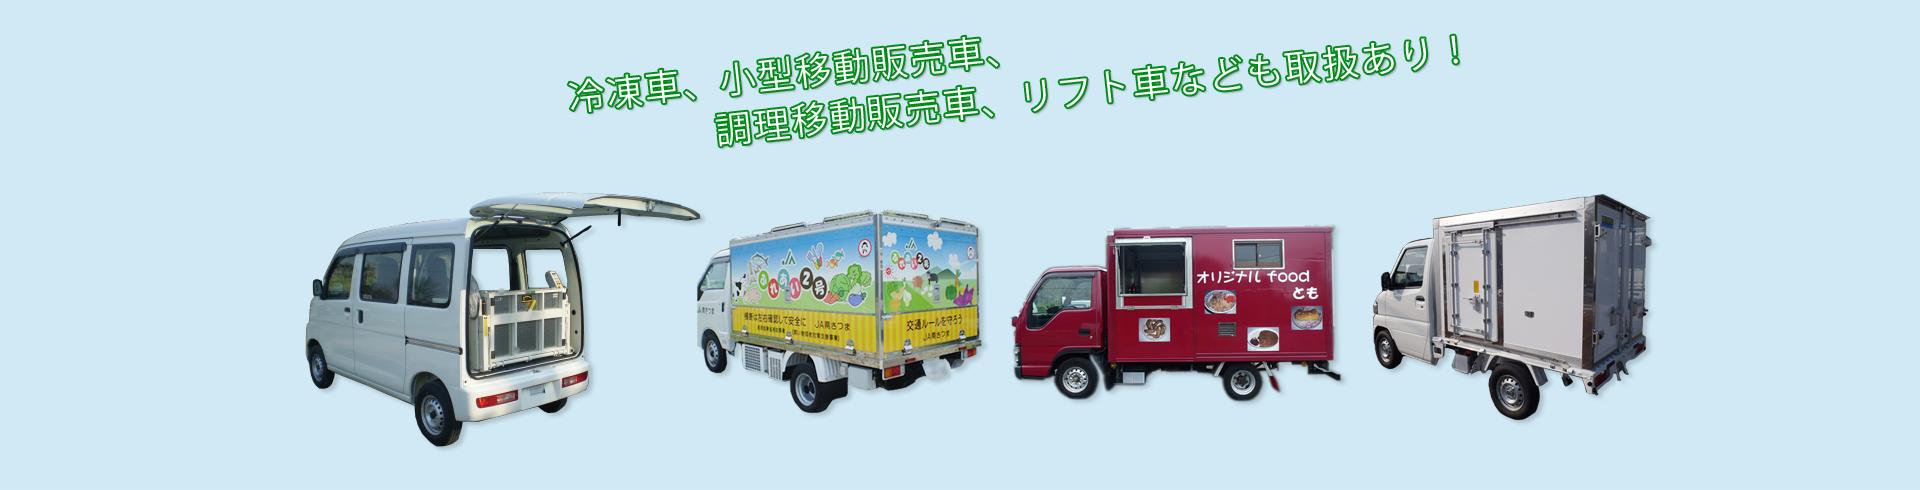 冷凍車小型移動販売車調理移動販売車リフト車なども取扱あり